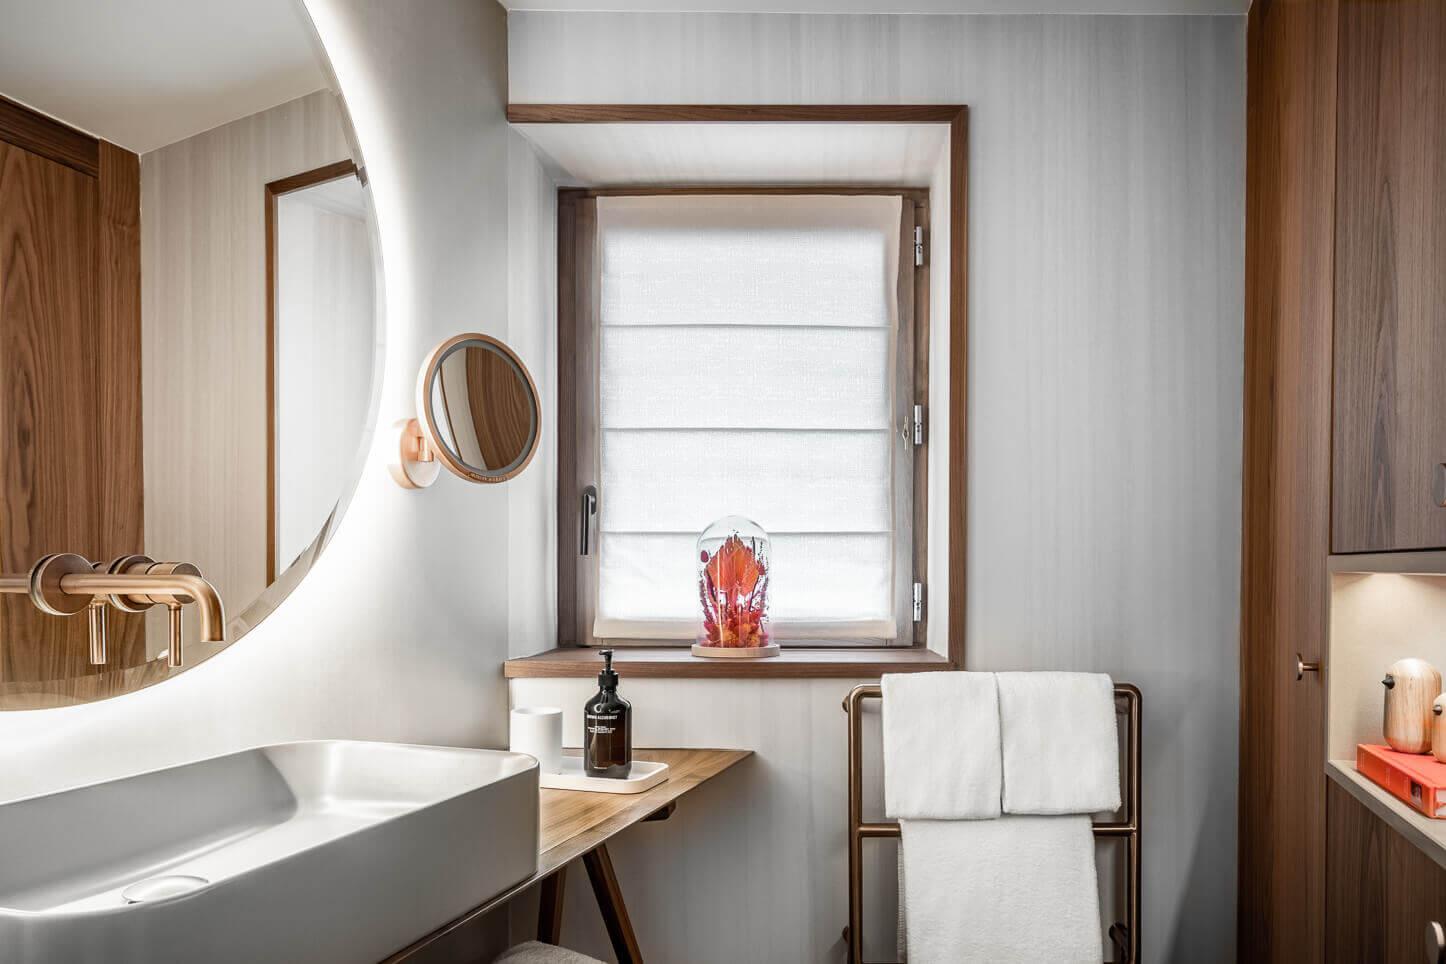 Chambre supérieure - salle de bains